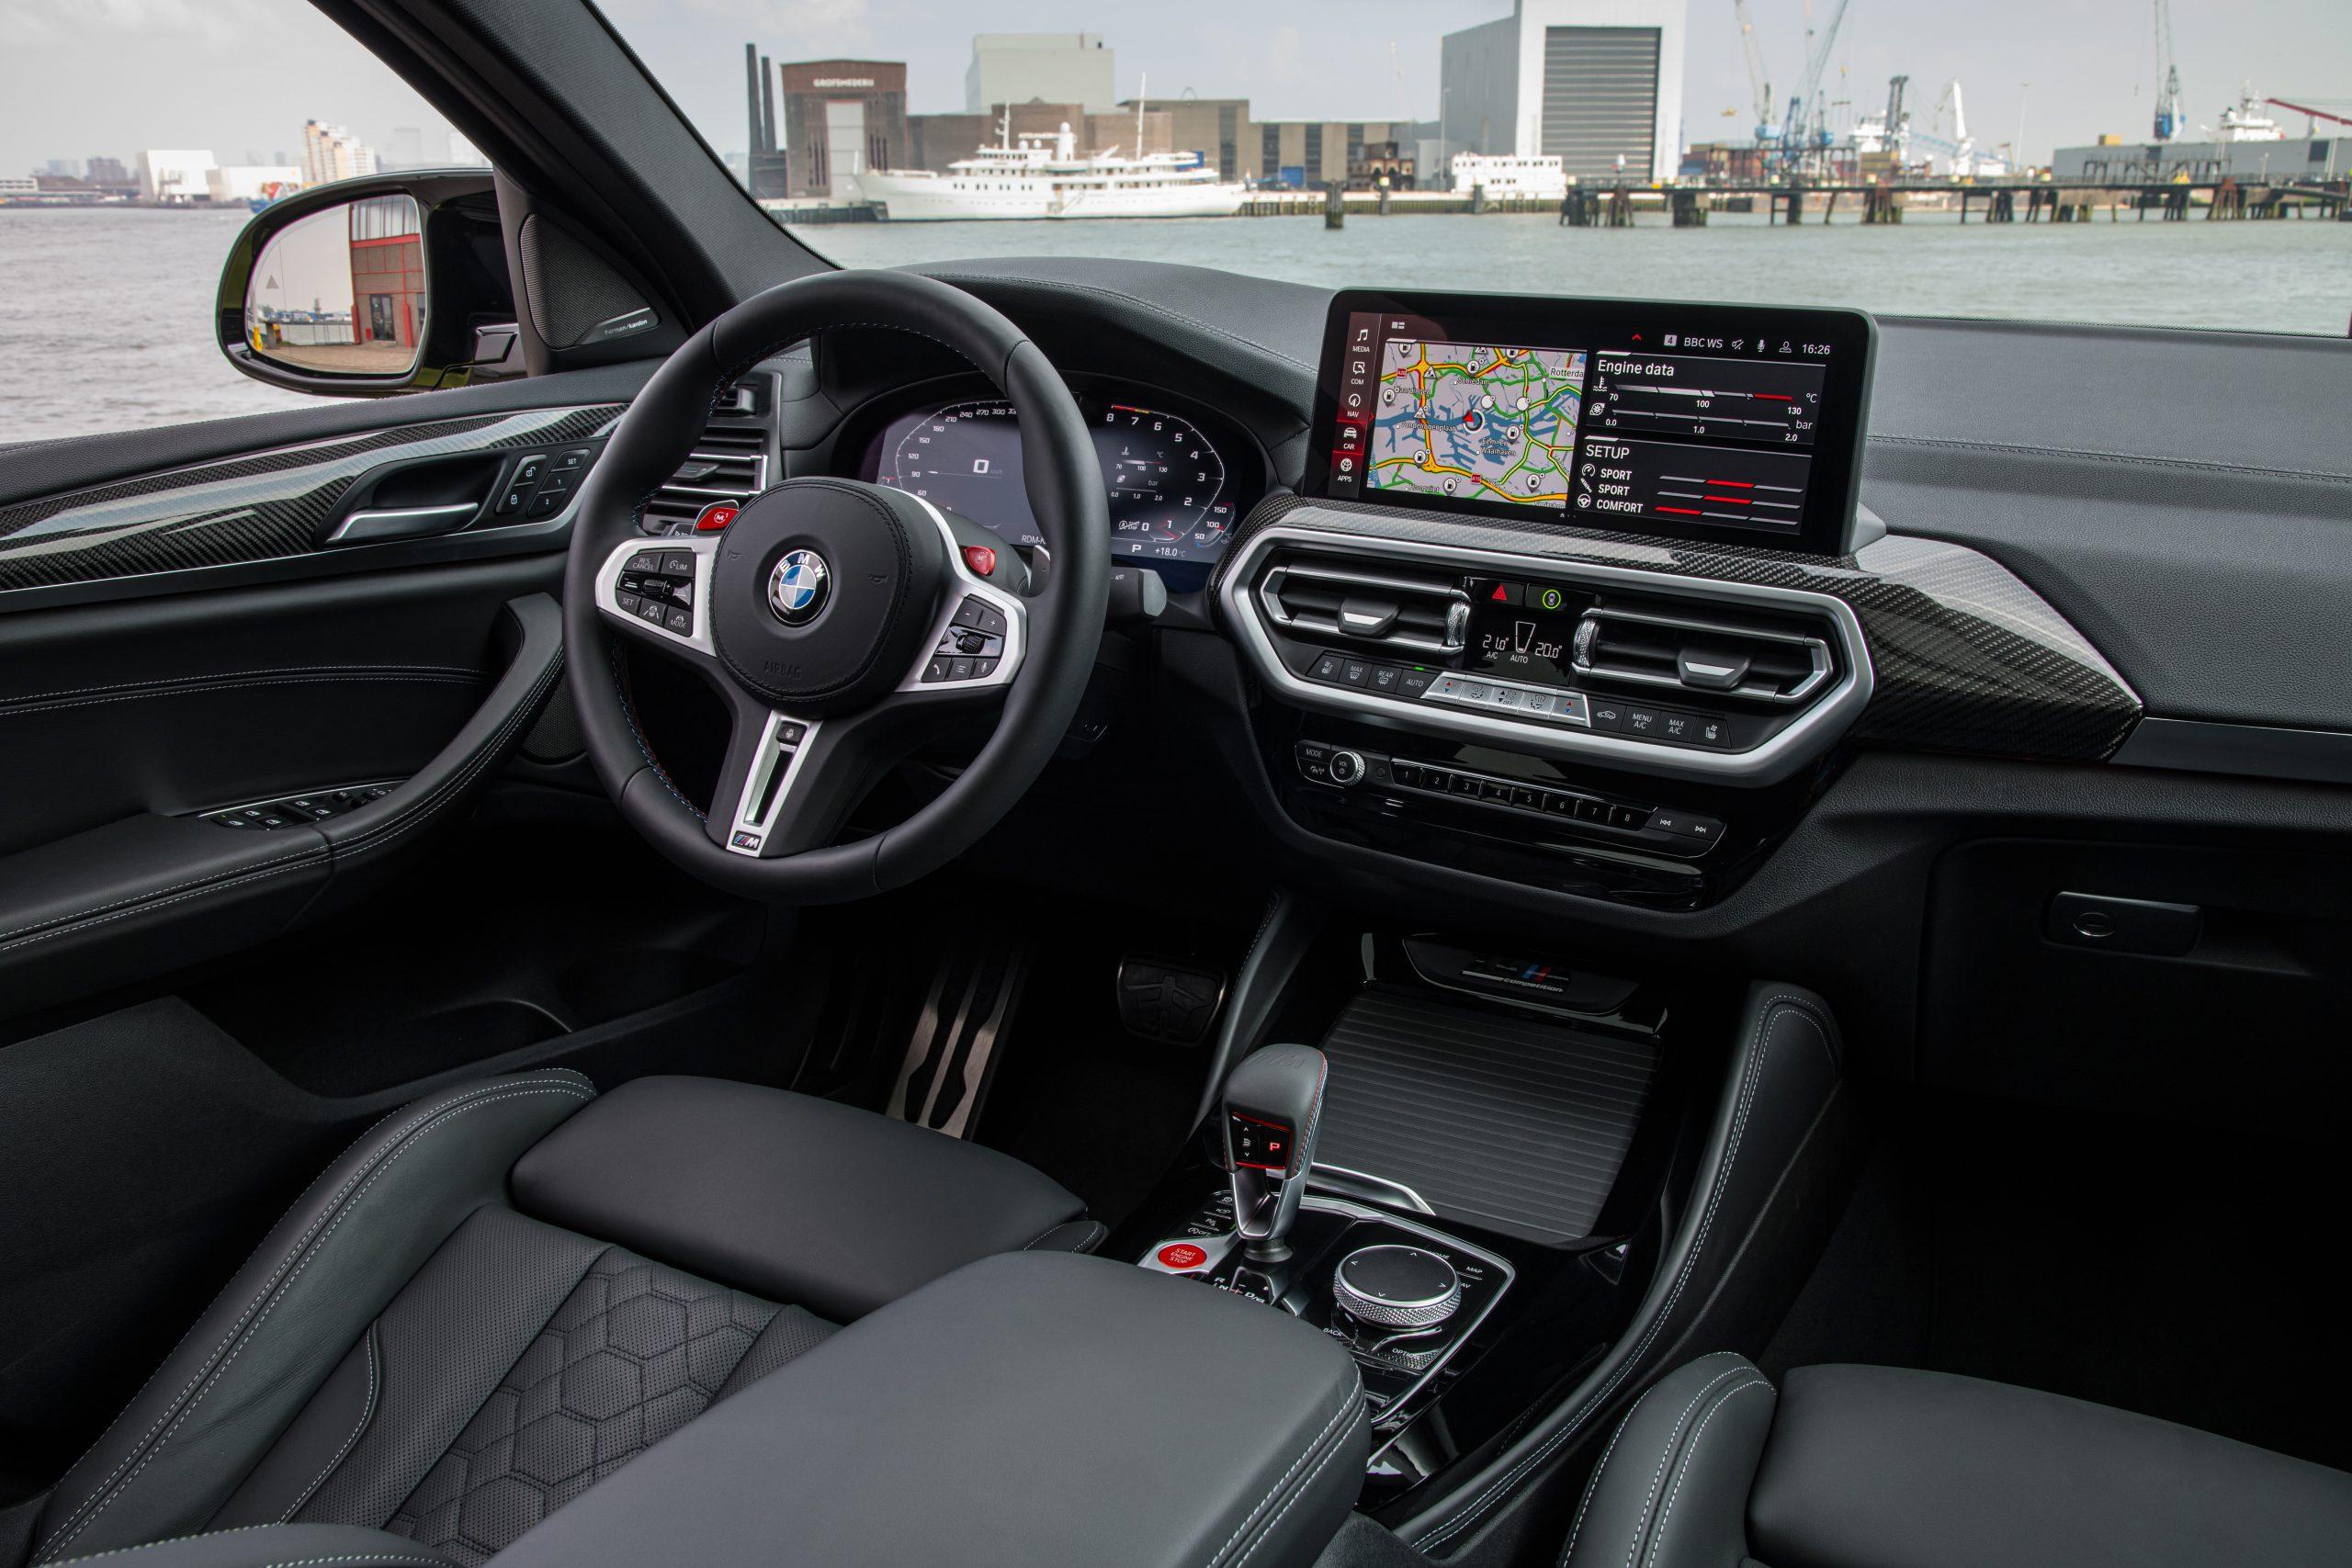 P90423964 highRes scaled Ιδού οι νέες BMW X3 M Competition και BMW X4 M Competition BMW, BMW M, BMW X3, BMW X4, SUV, X3 M, X4 M, ειδήσεις, Νέα